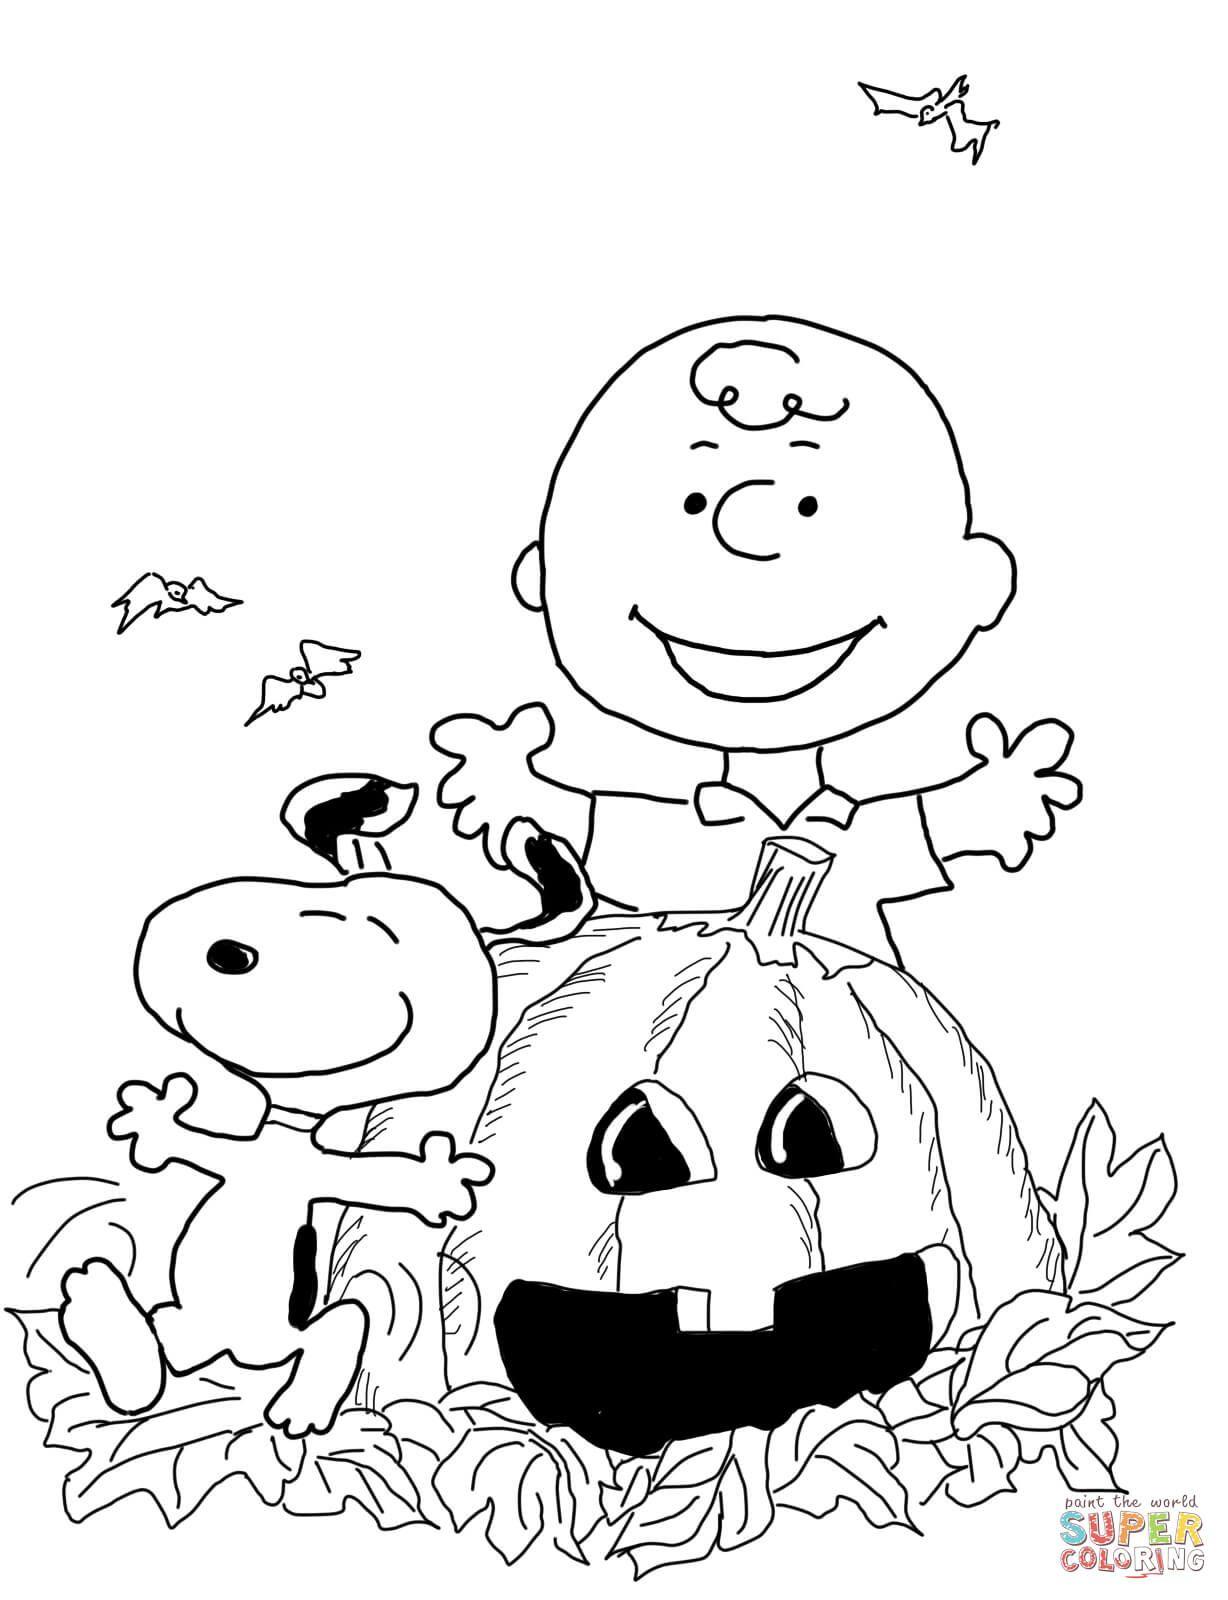 pen pals coloring pages - photo#42